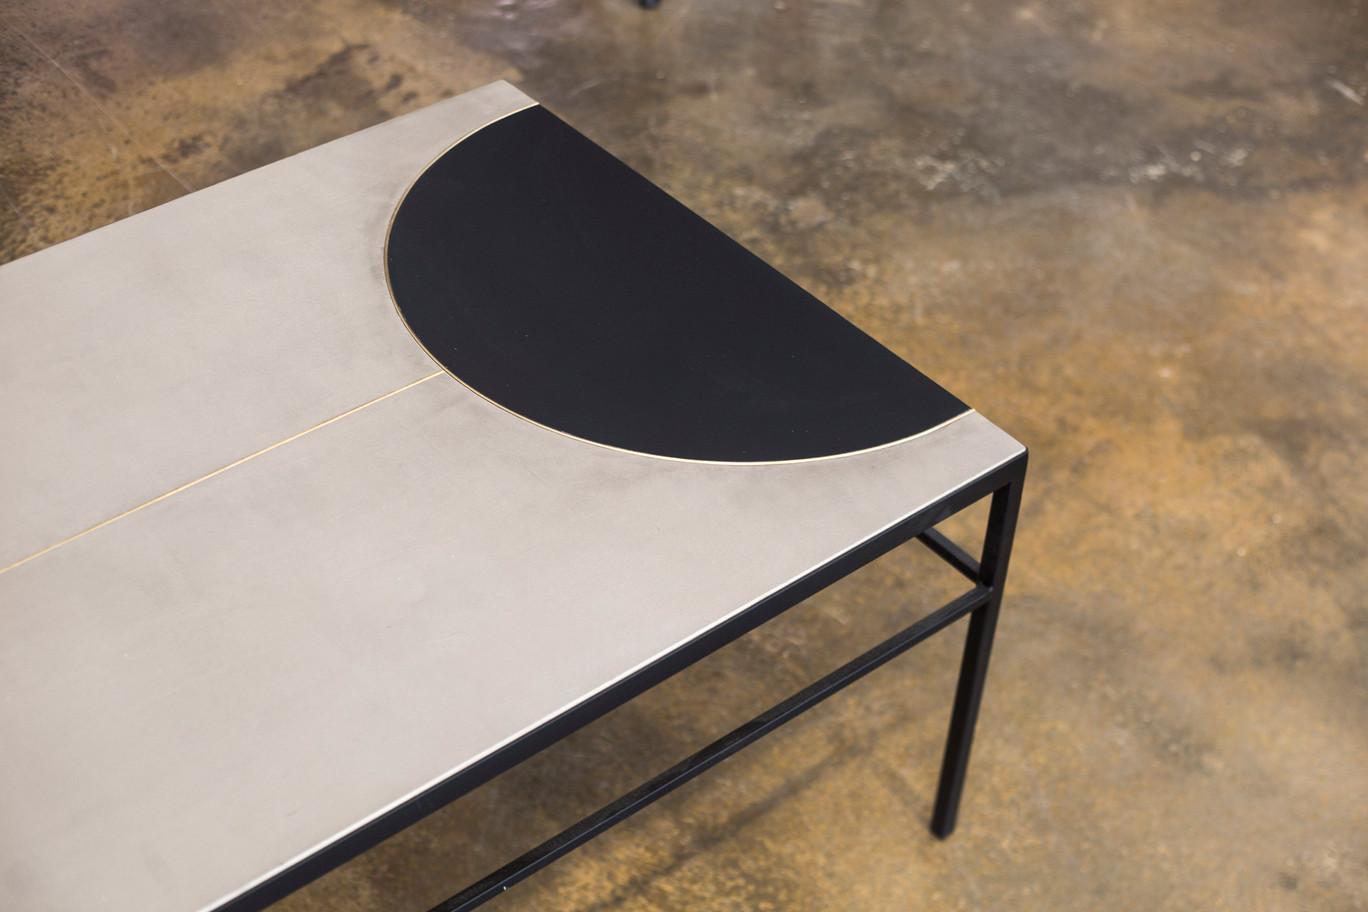 שולחן סלון מלבני בטון עם חצי עיגול שחור